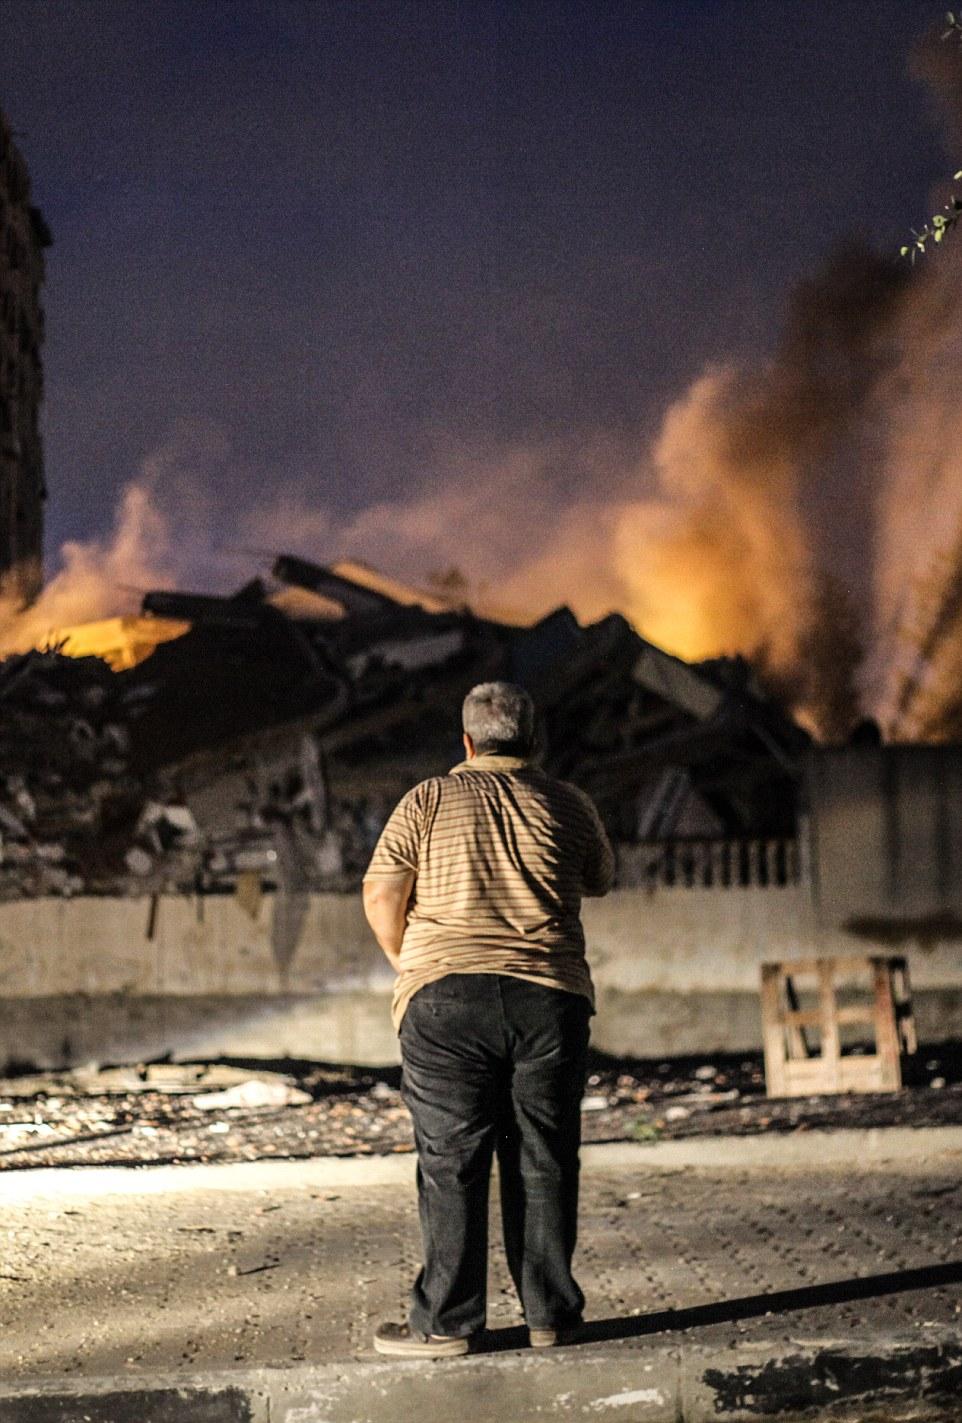 Ο ΟΗΕ εκτιμά ότι περισσότερα από 17.000 σπίτια έχουν καταστραφεί ή υποστεί ανεπανόρθωτες ζημιές, από τις 8 Ιουλίου.